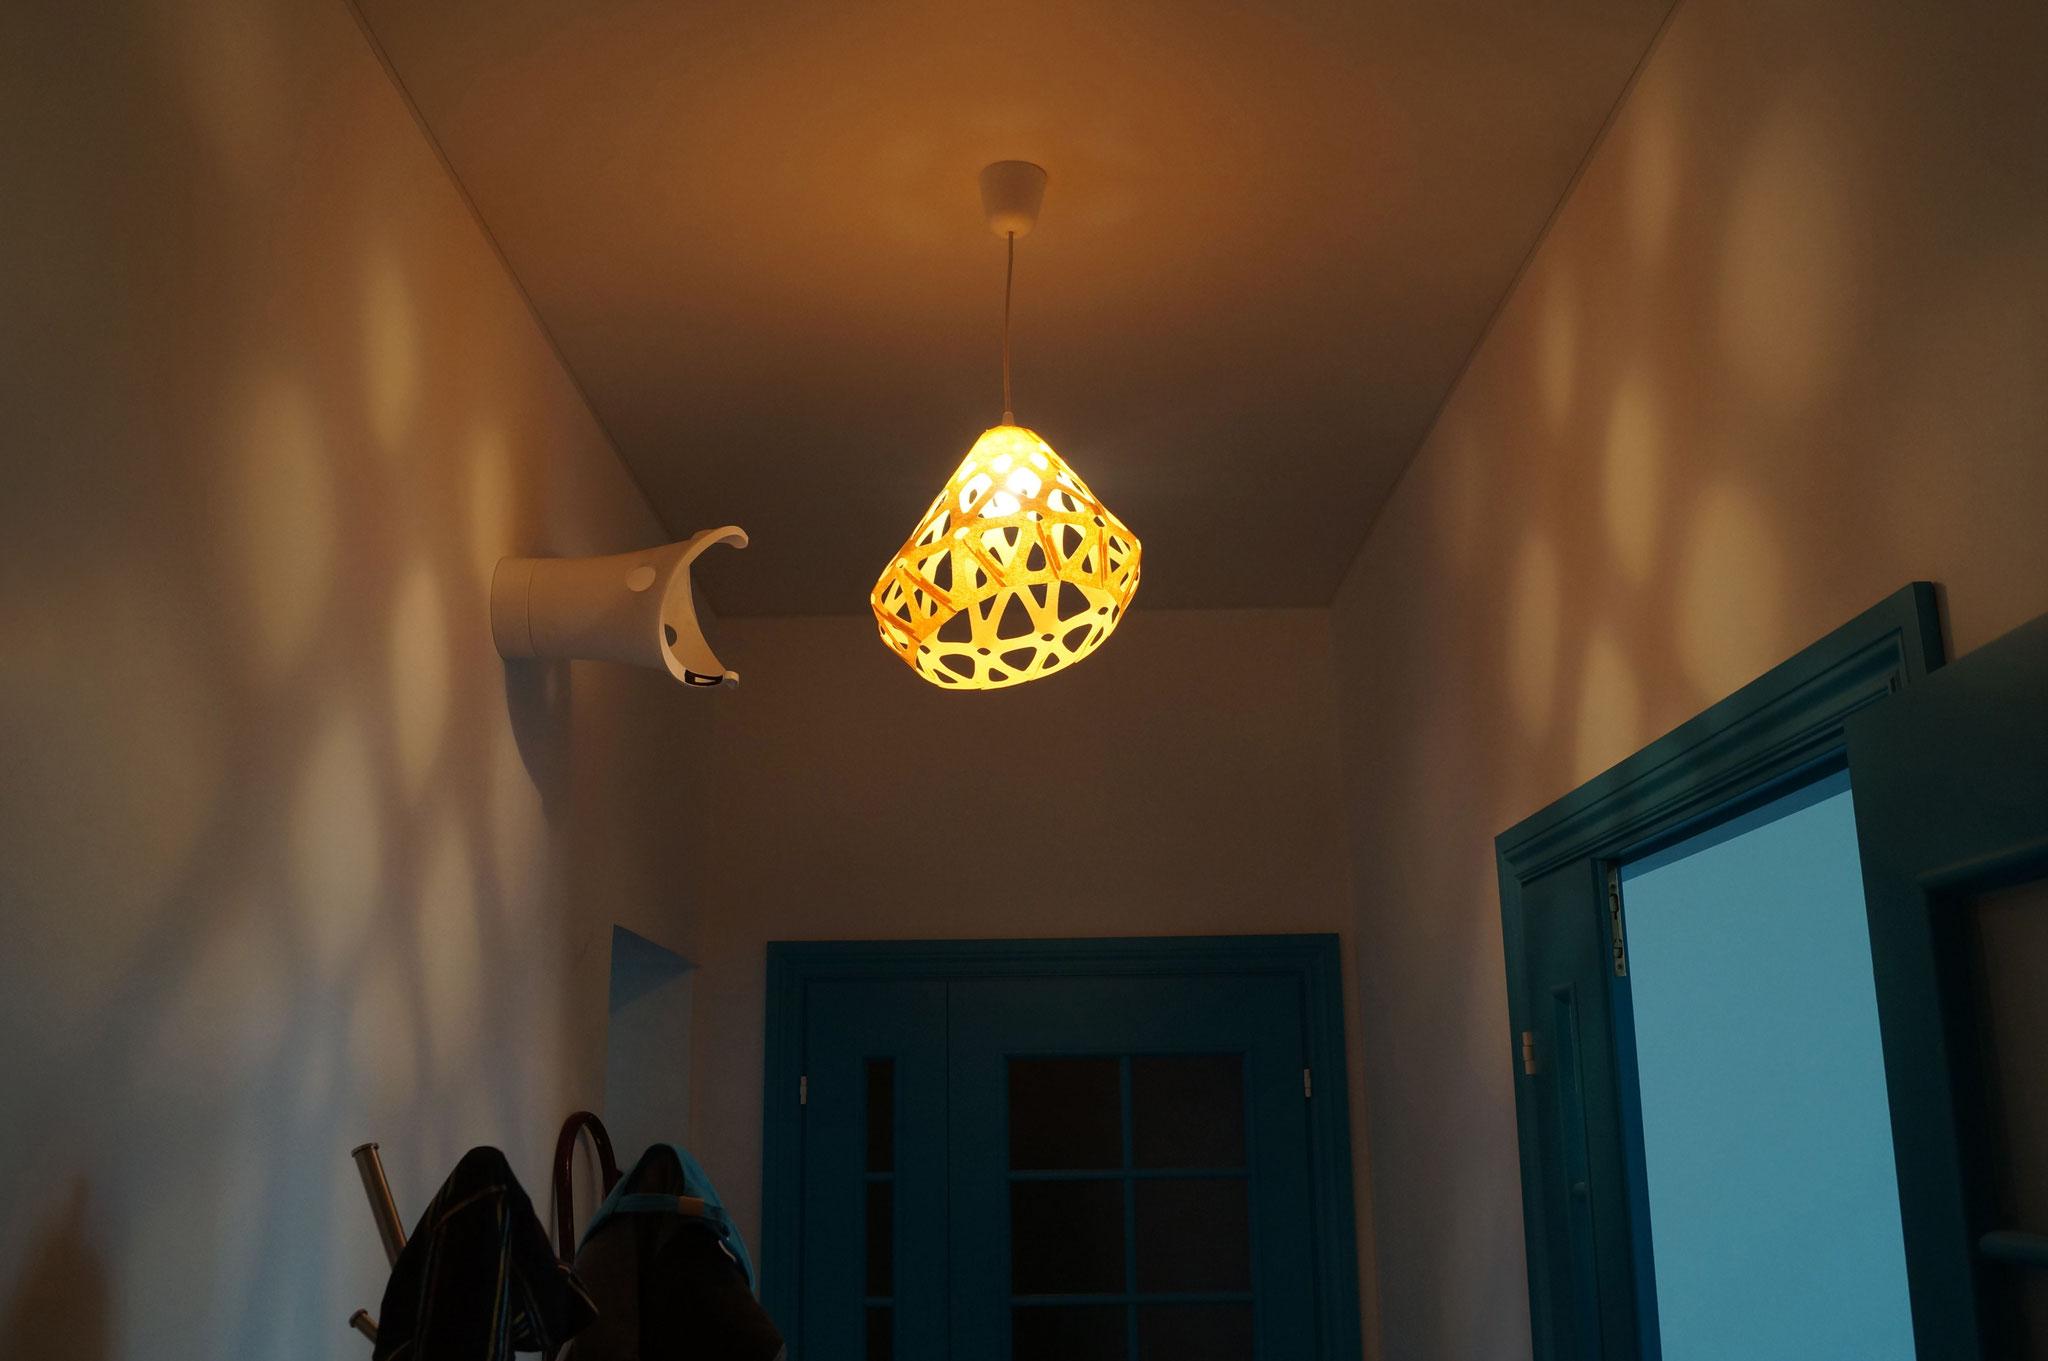 Невероятные световые пятна на стенах от желтого подвесного светильника ZAHA LIGHT в холле дизайнерской квартиры.